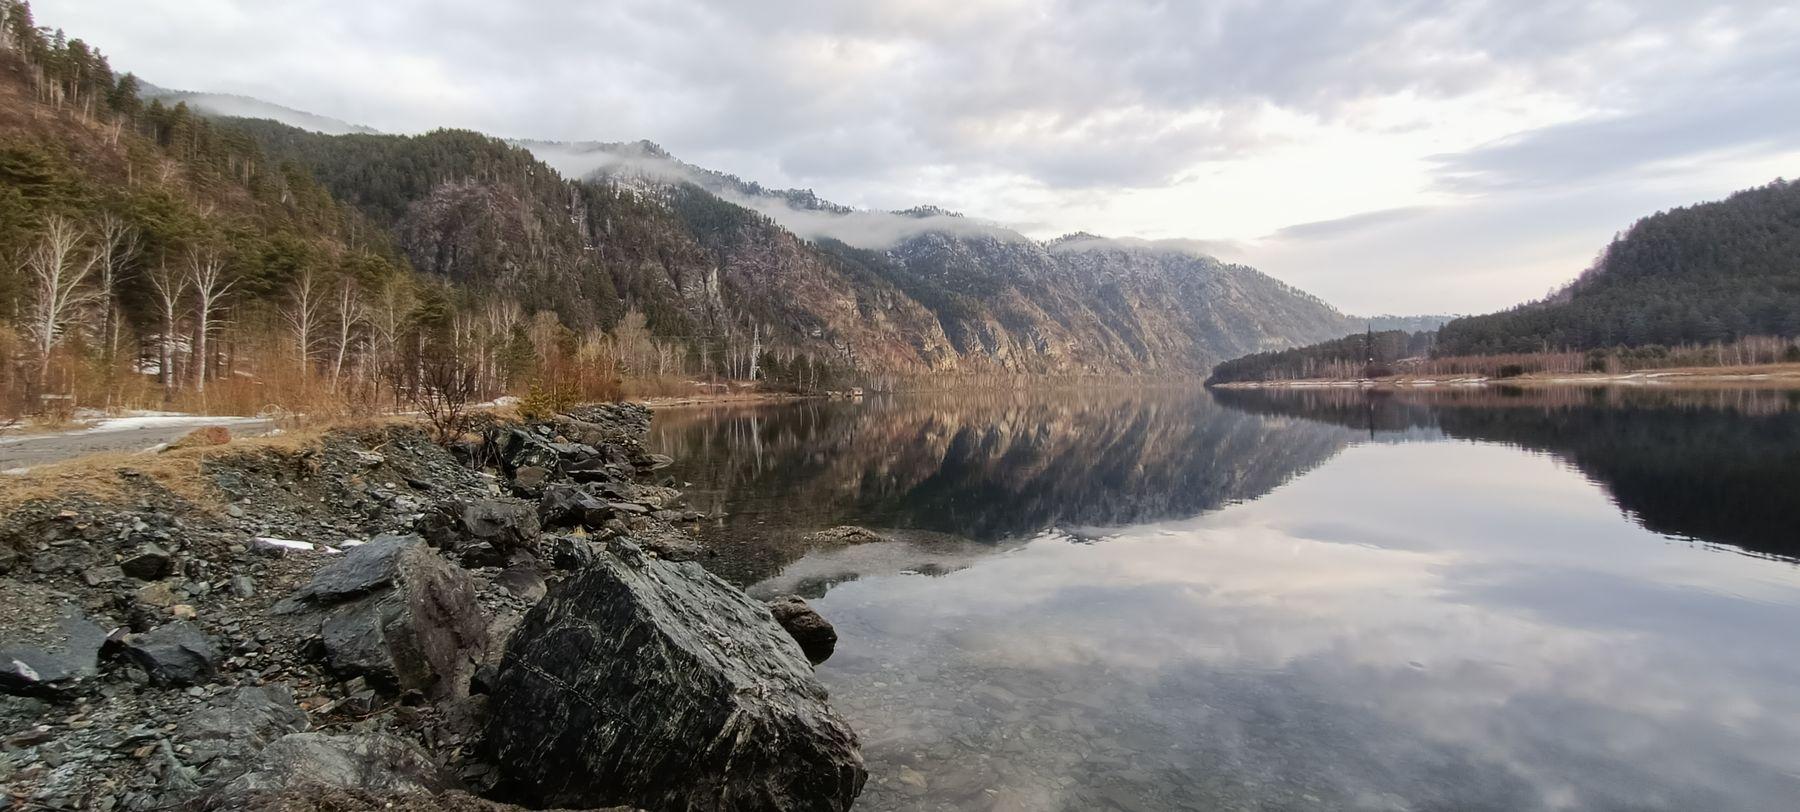 Енисей Природа река горы облака небо в воде раннее утро на реке отражение камни Сибирь домик далеке маленький даль